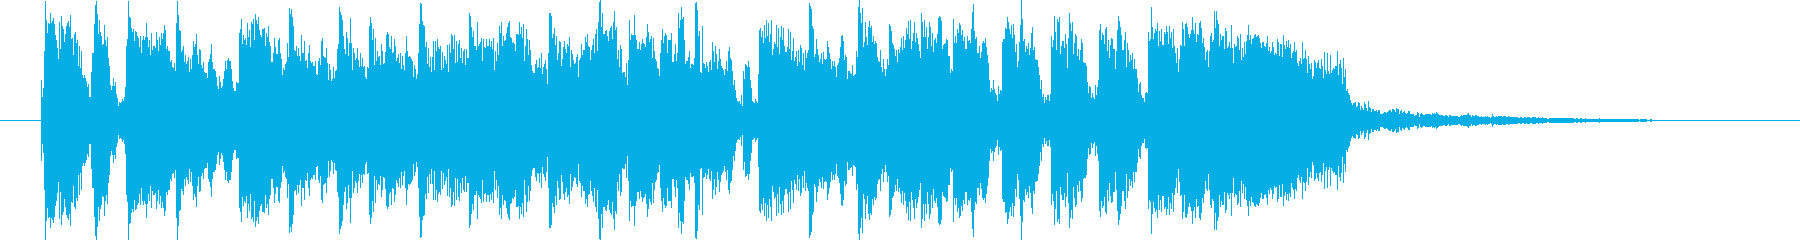 ファンクなジングルの再生済みの波形